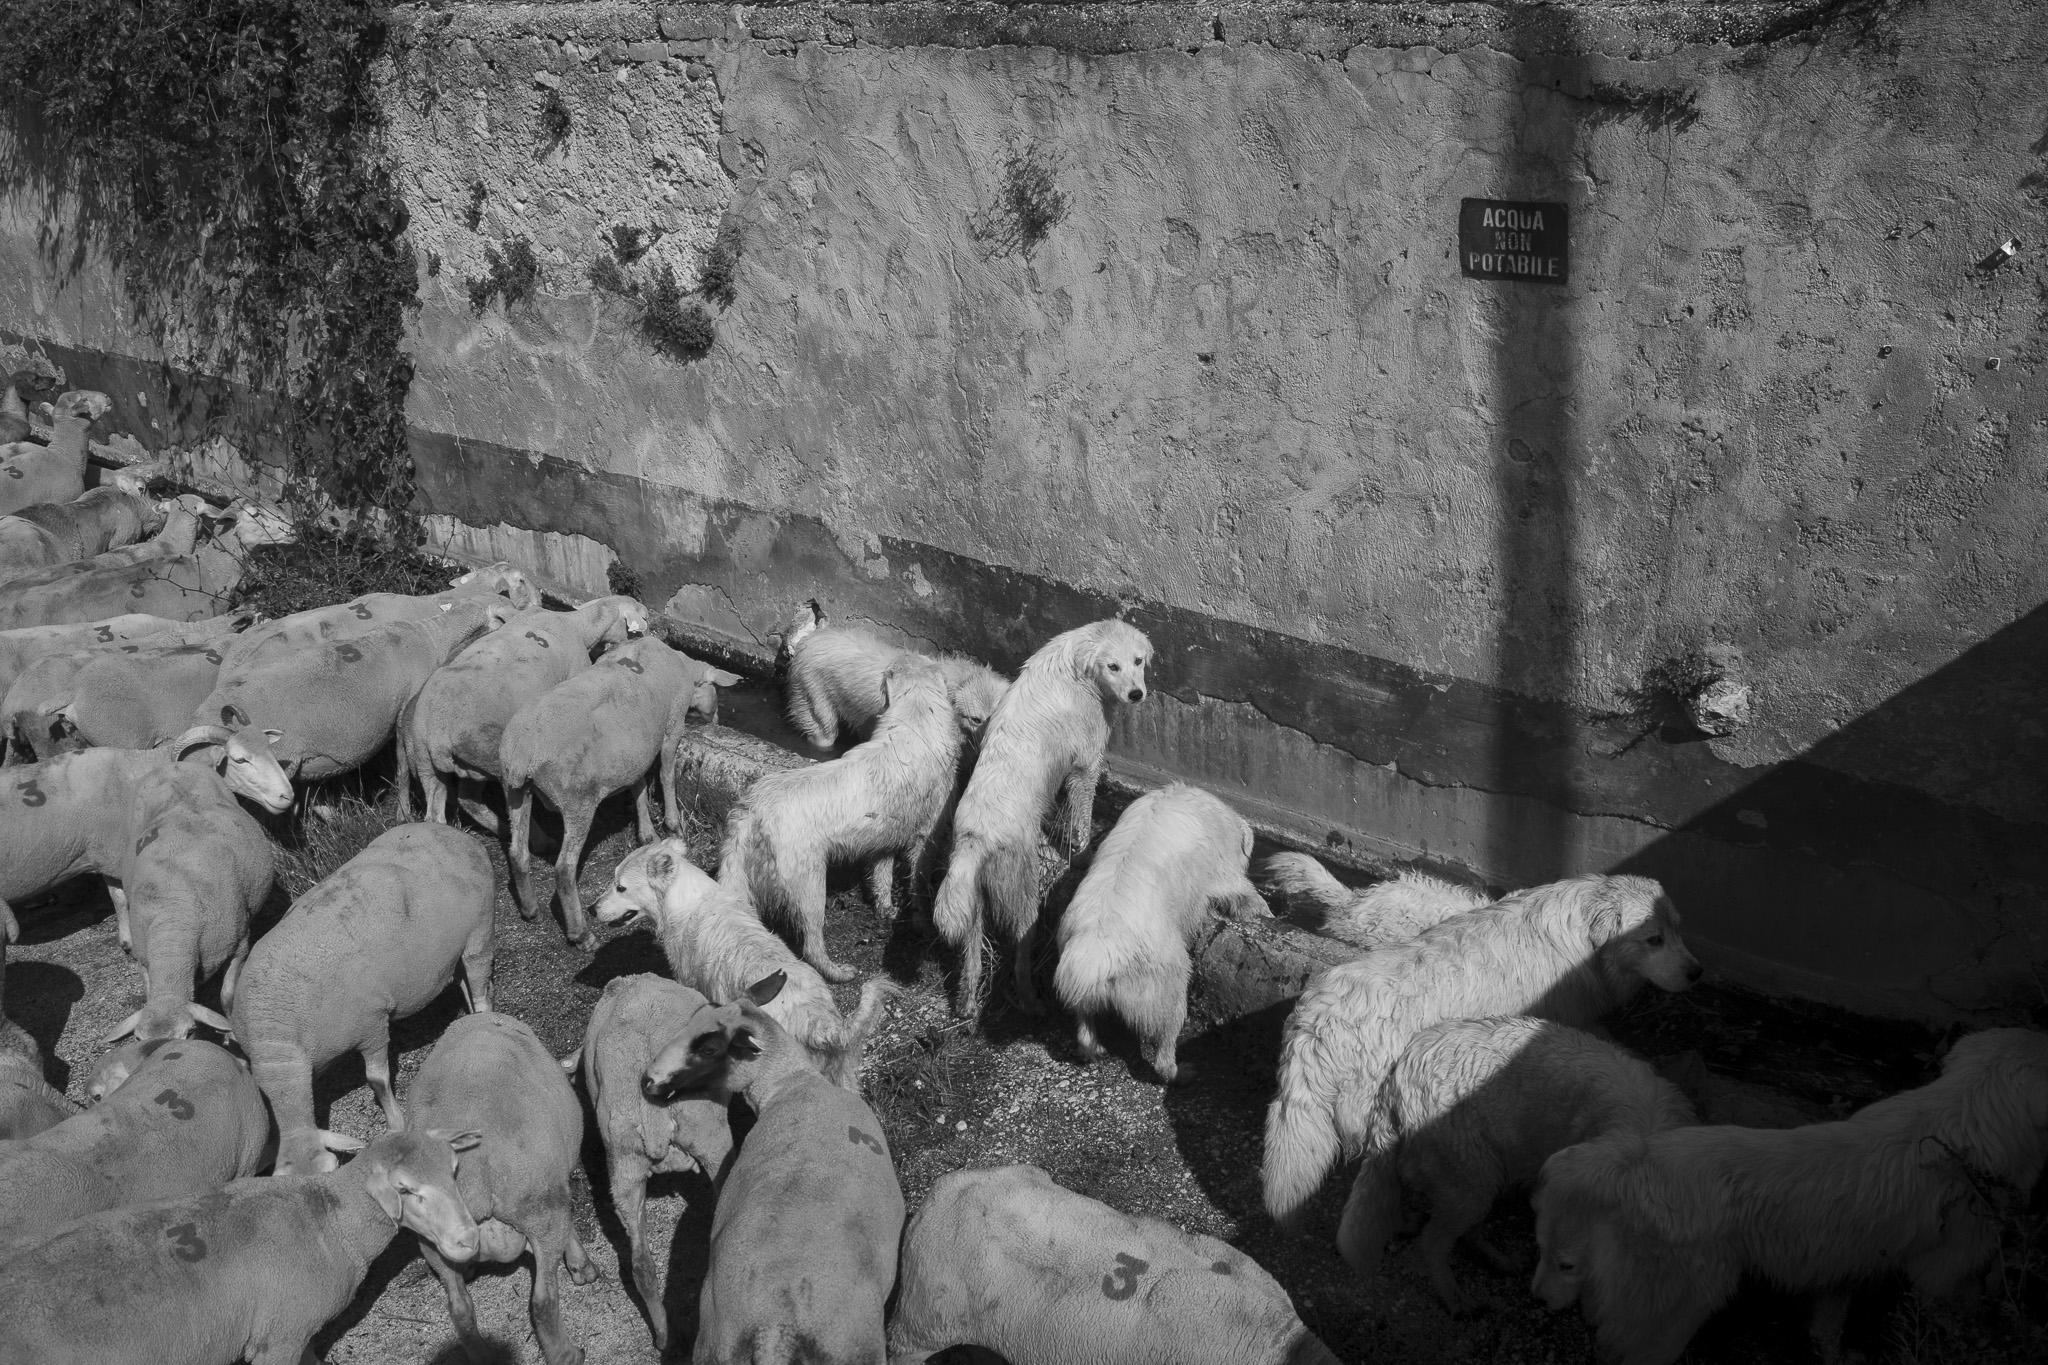 Cani pastore, transumanza - Giulio Burroni